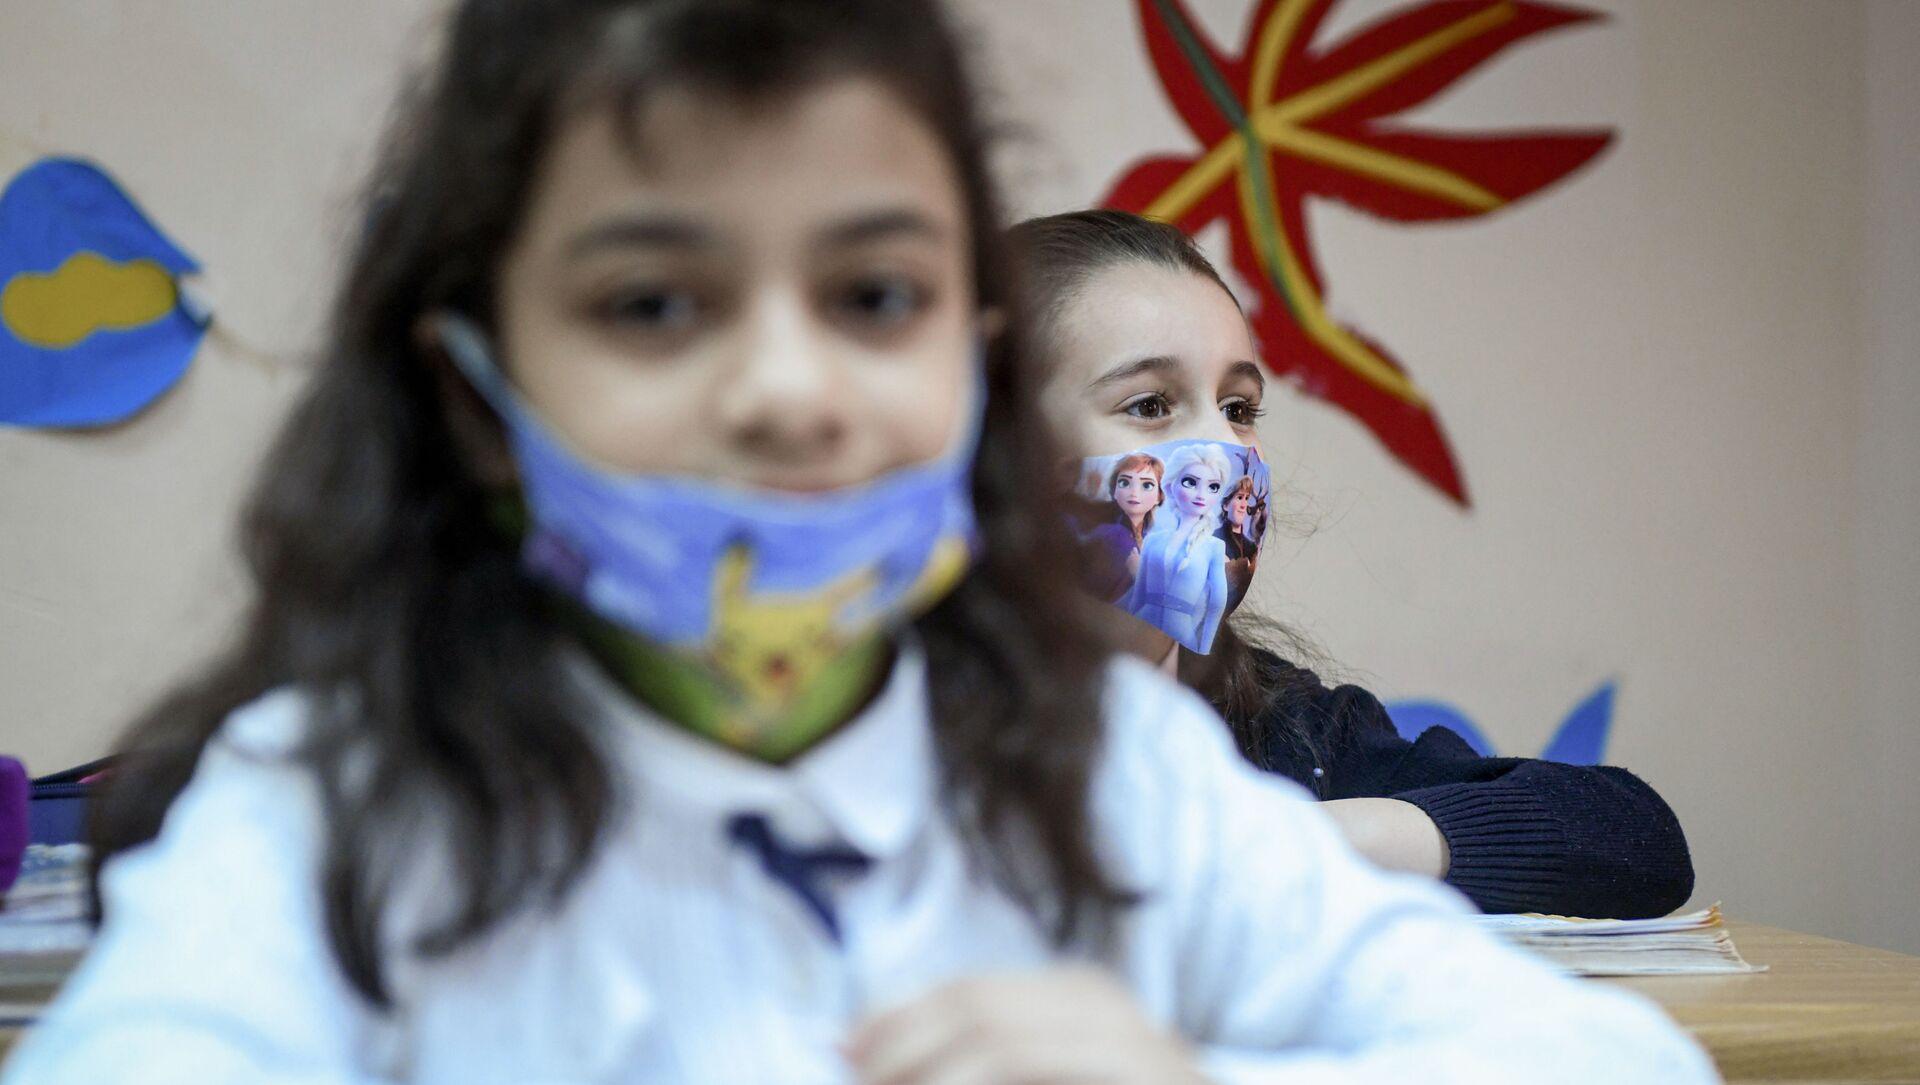 Возобновление очных занятий в бакинских школах, 1 февраля 2021 года - Sputnik Azərbaycan, 1920, 07.09.2021